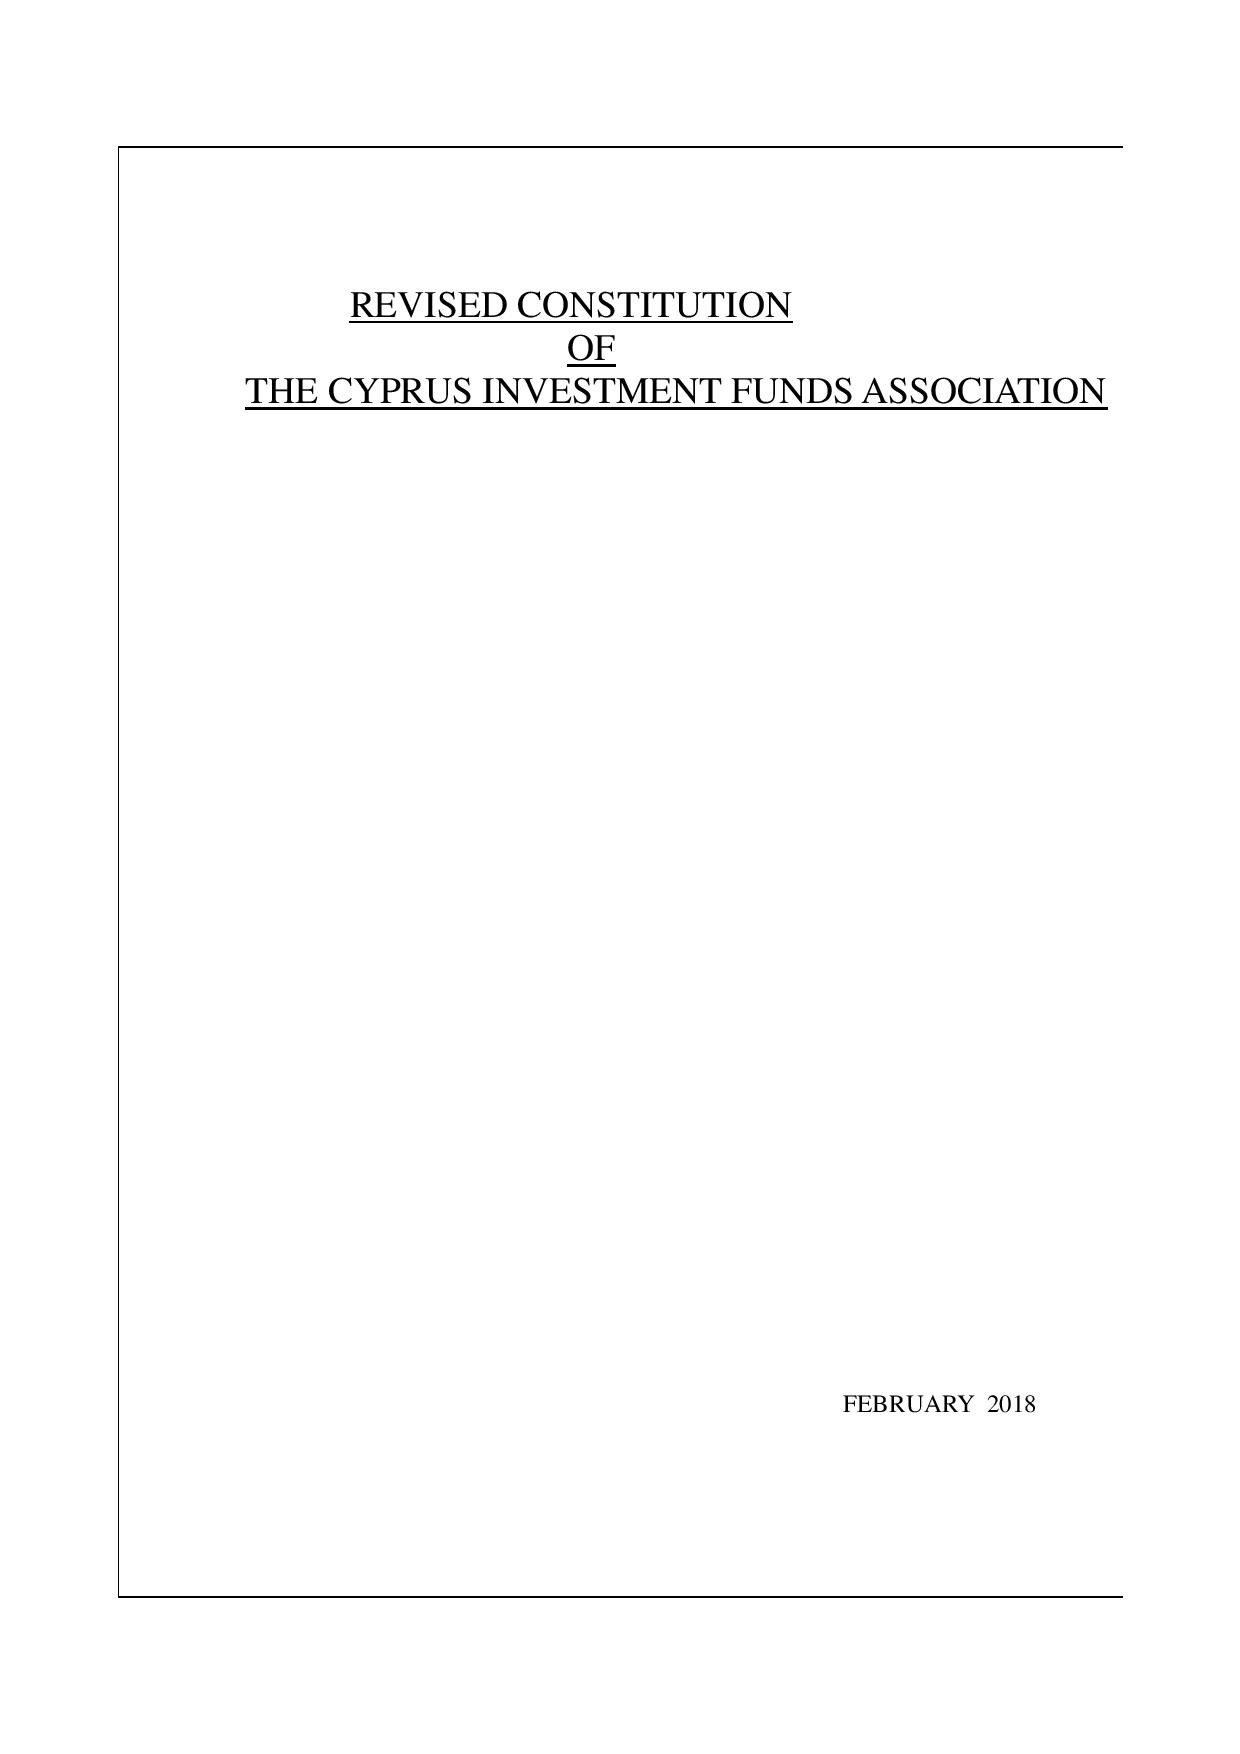 CIFA Constitution 2018